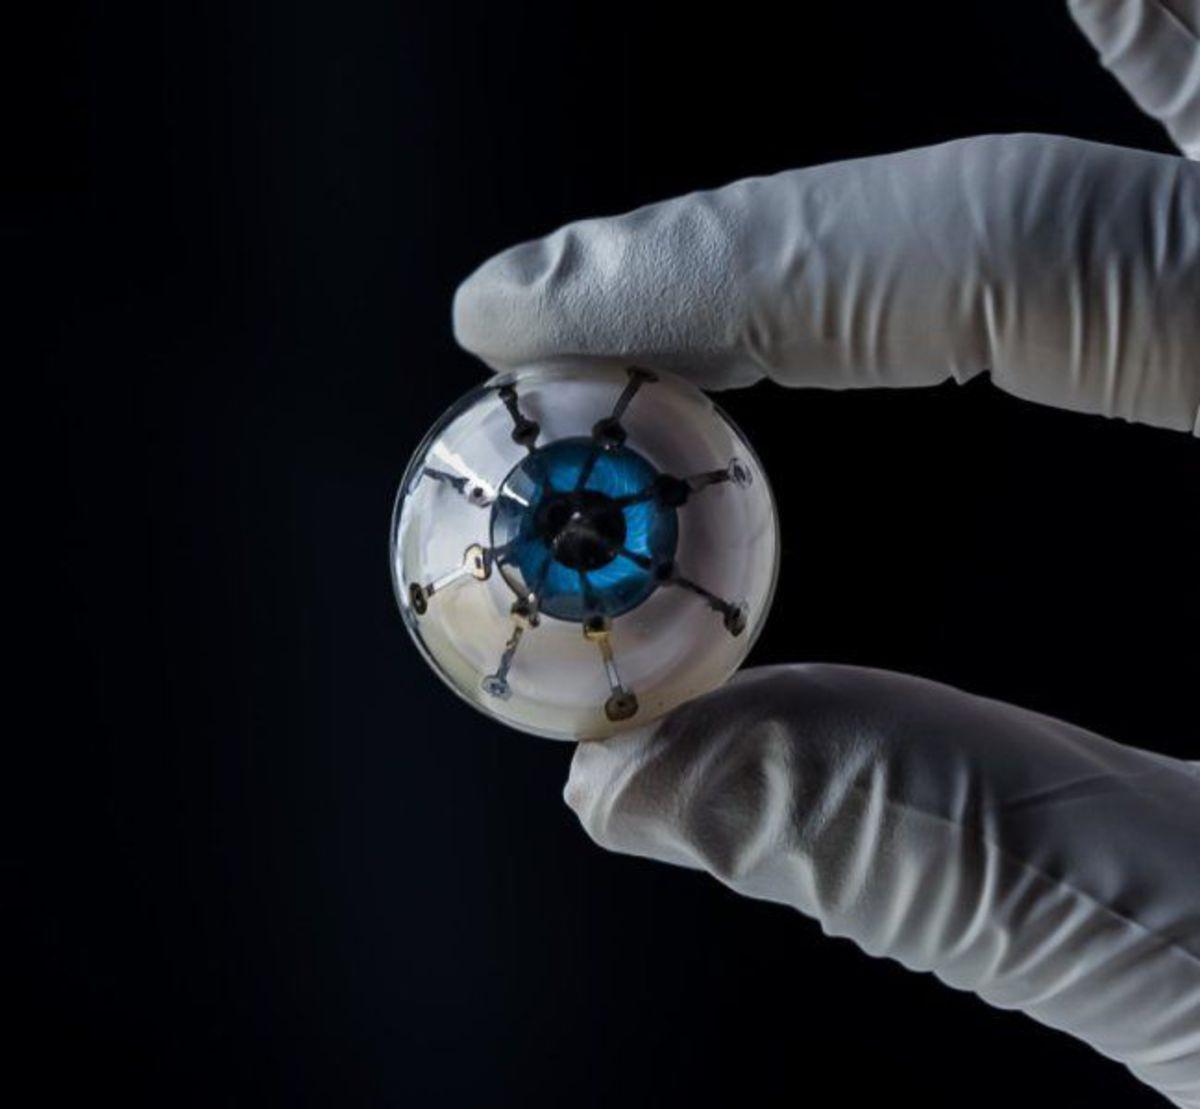 Бионический глаз впервые напечатали на 3D-принтере